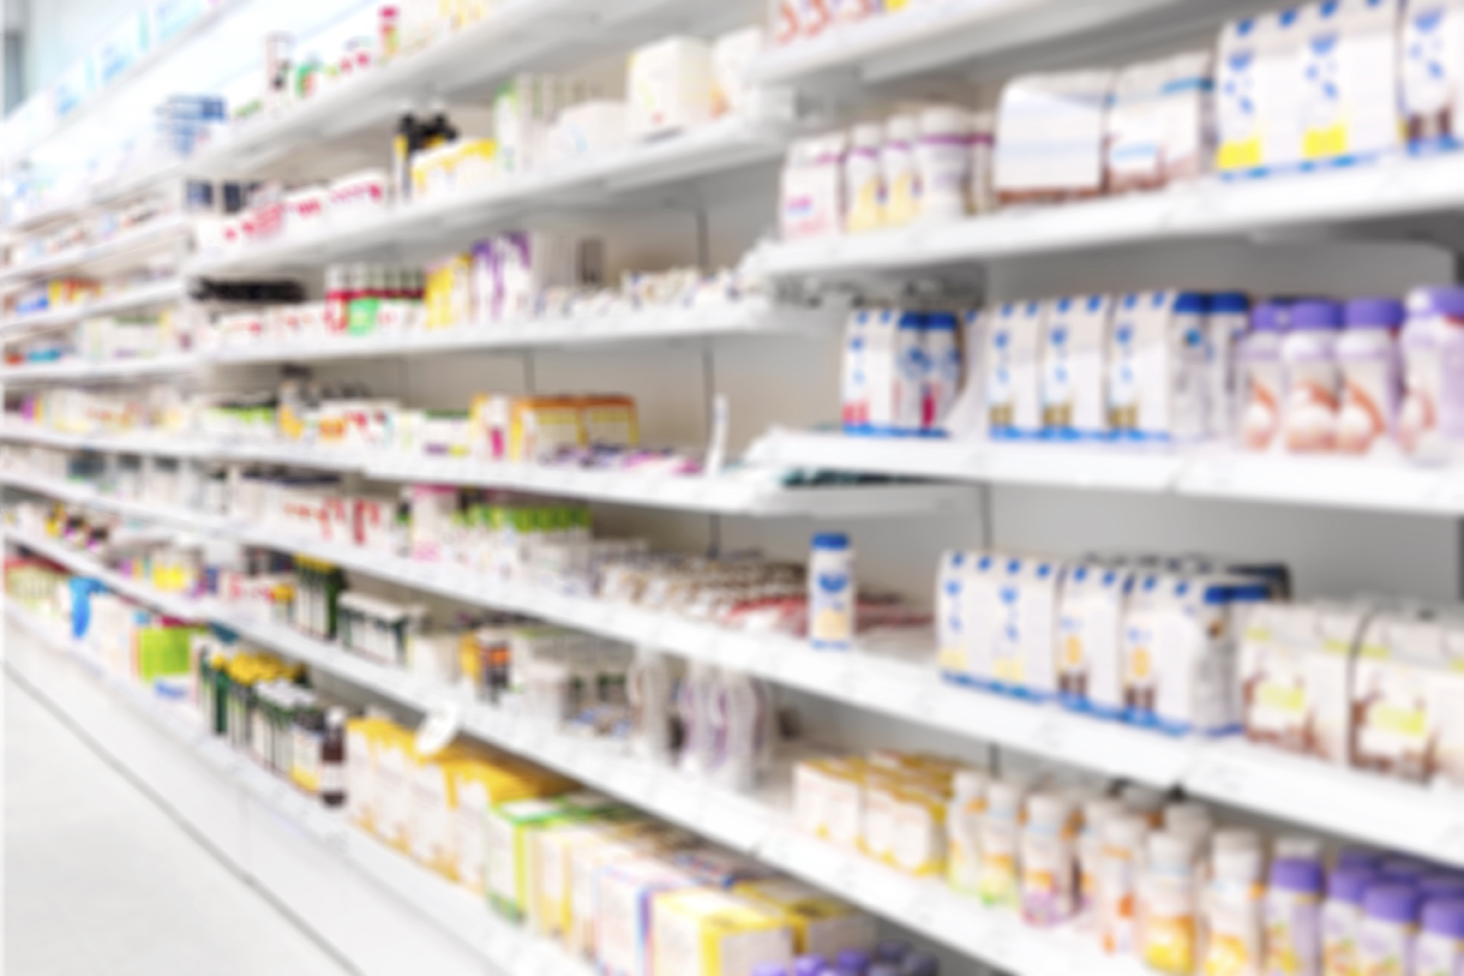 Shelf of drugs in a pharmacy